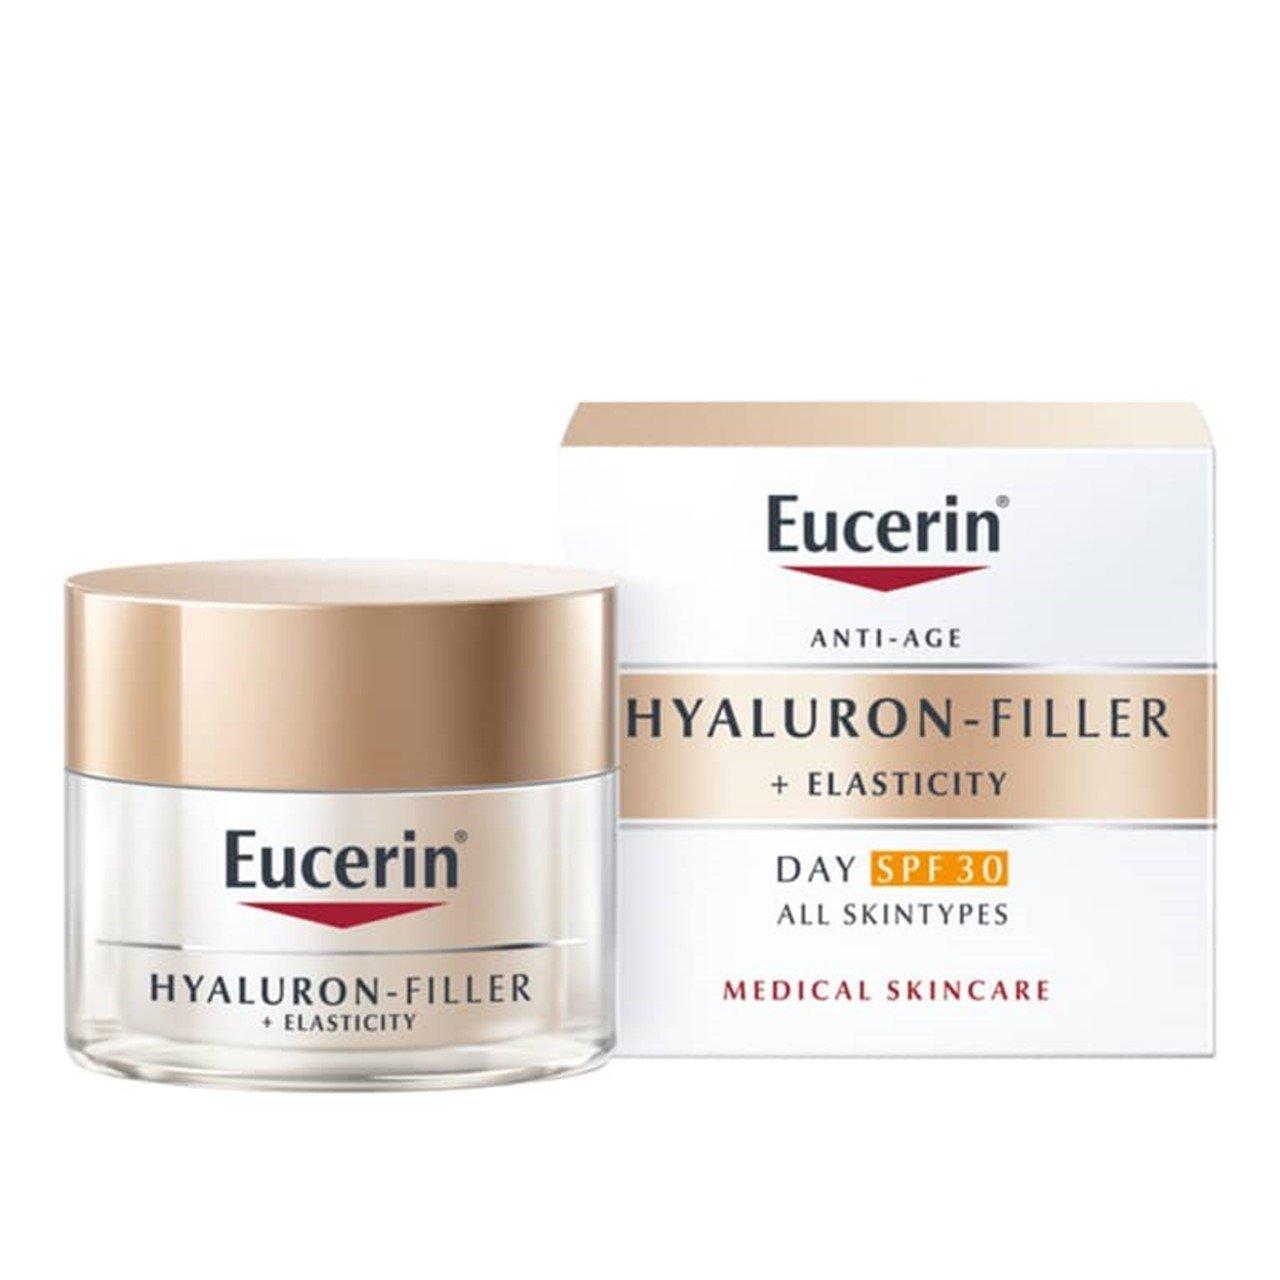 Hyaluron-Filler + Elasticity crema de manos correctora de manchas de la edad FPS 30 con Thiamidol®